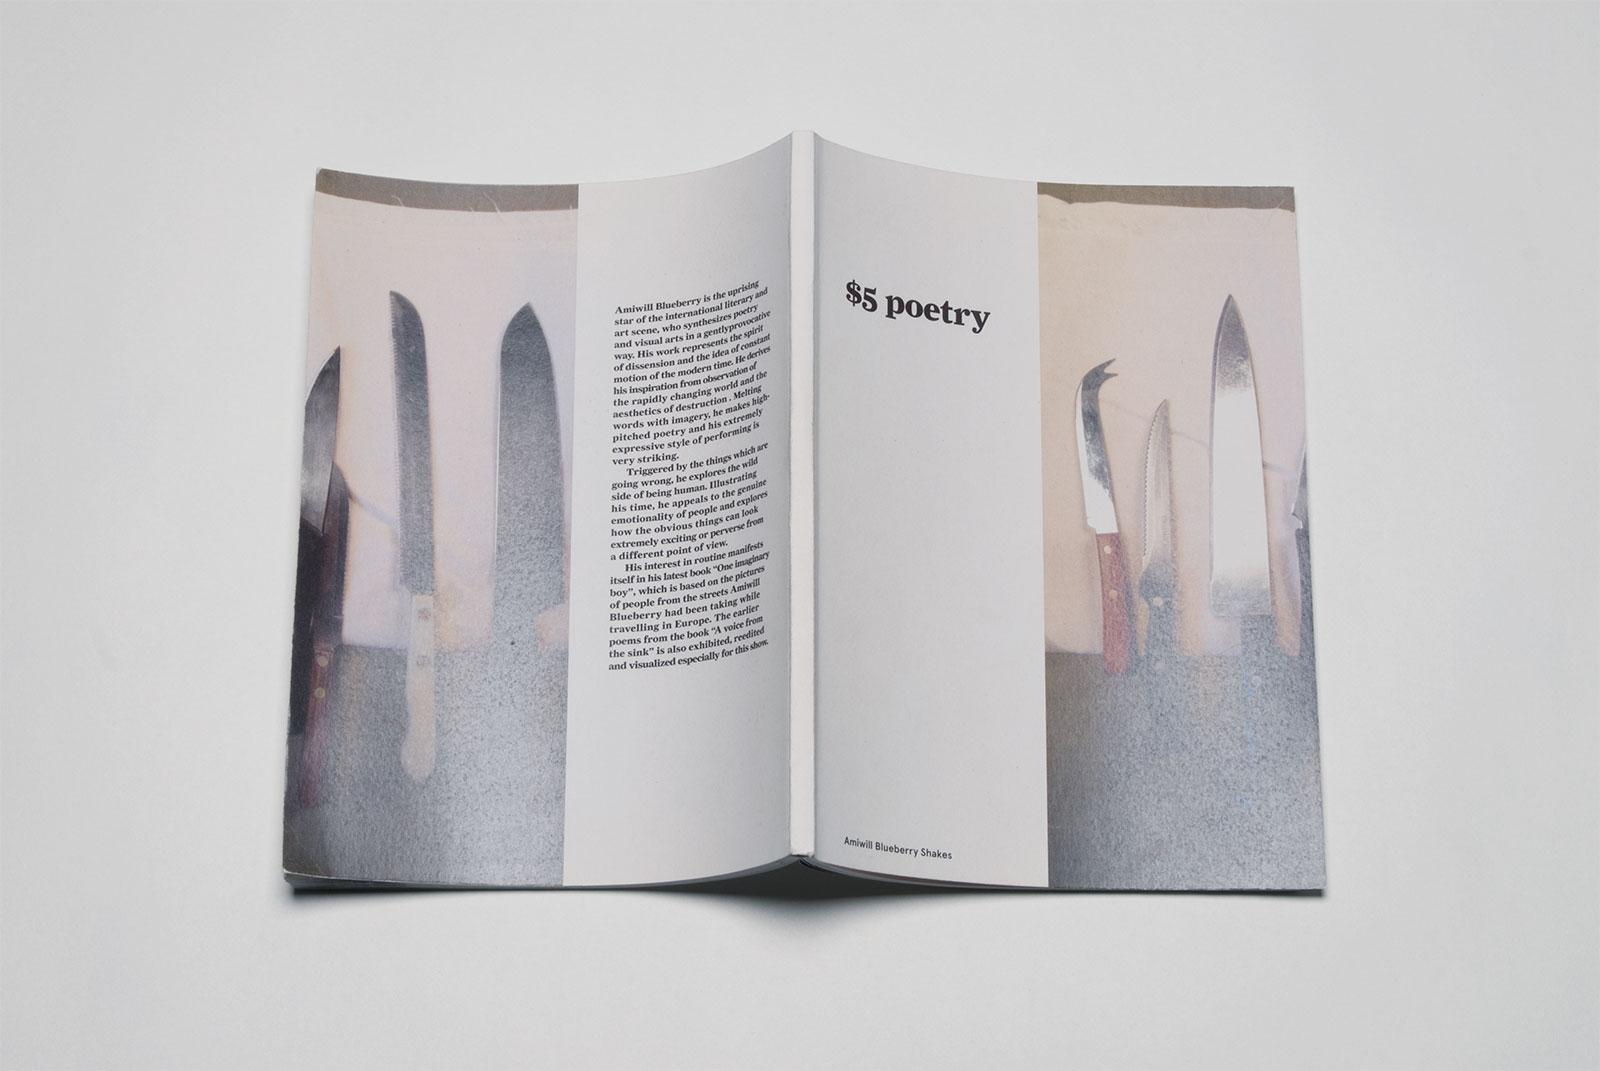 $5-poetry-book-wilco-monen-01.jpg